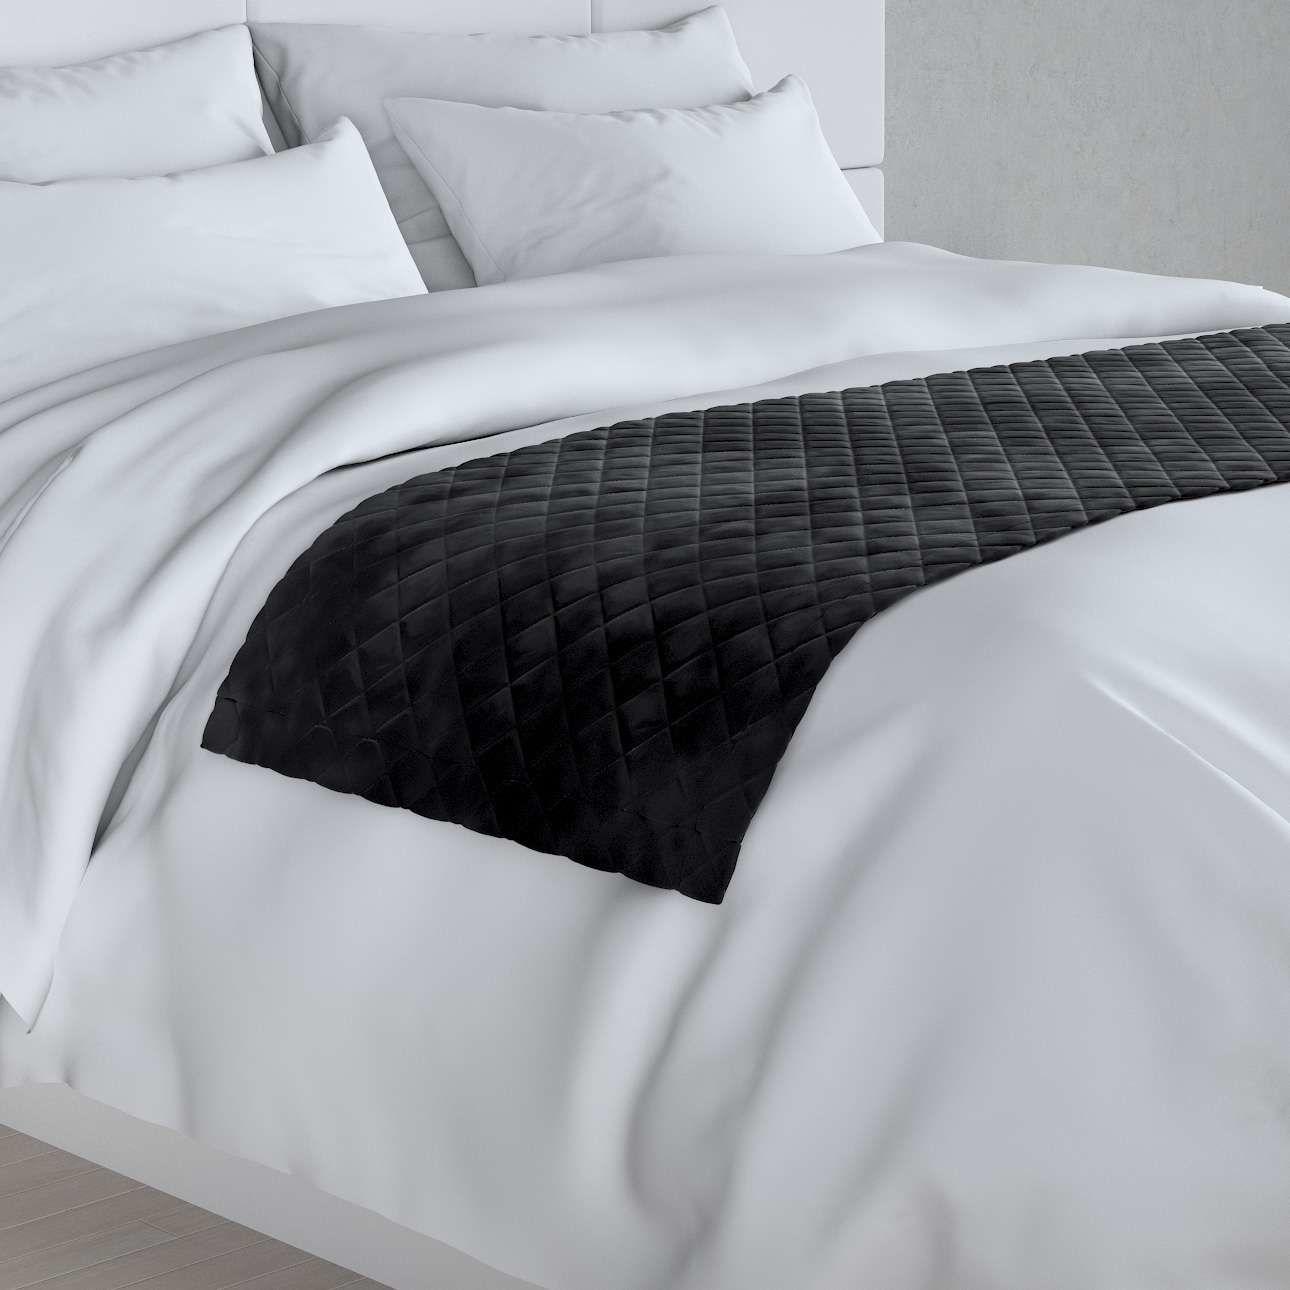 Narzuta hotelowa bieżnik Velvet 60x200cm, głęboka czerń, 60 x 200 cm, Velvet